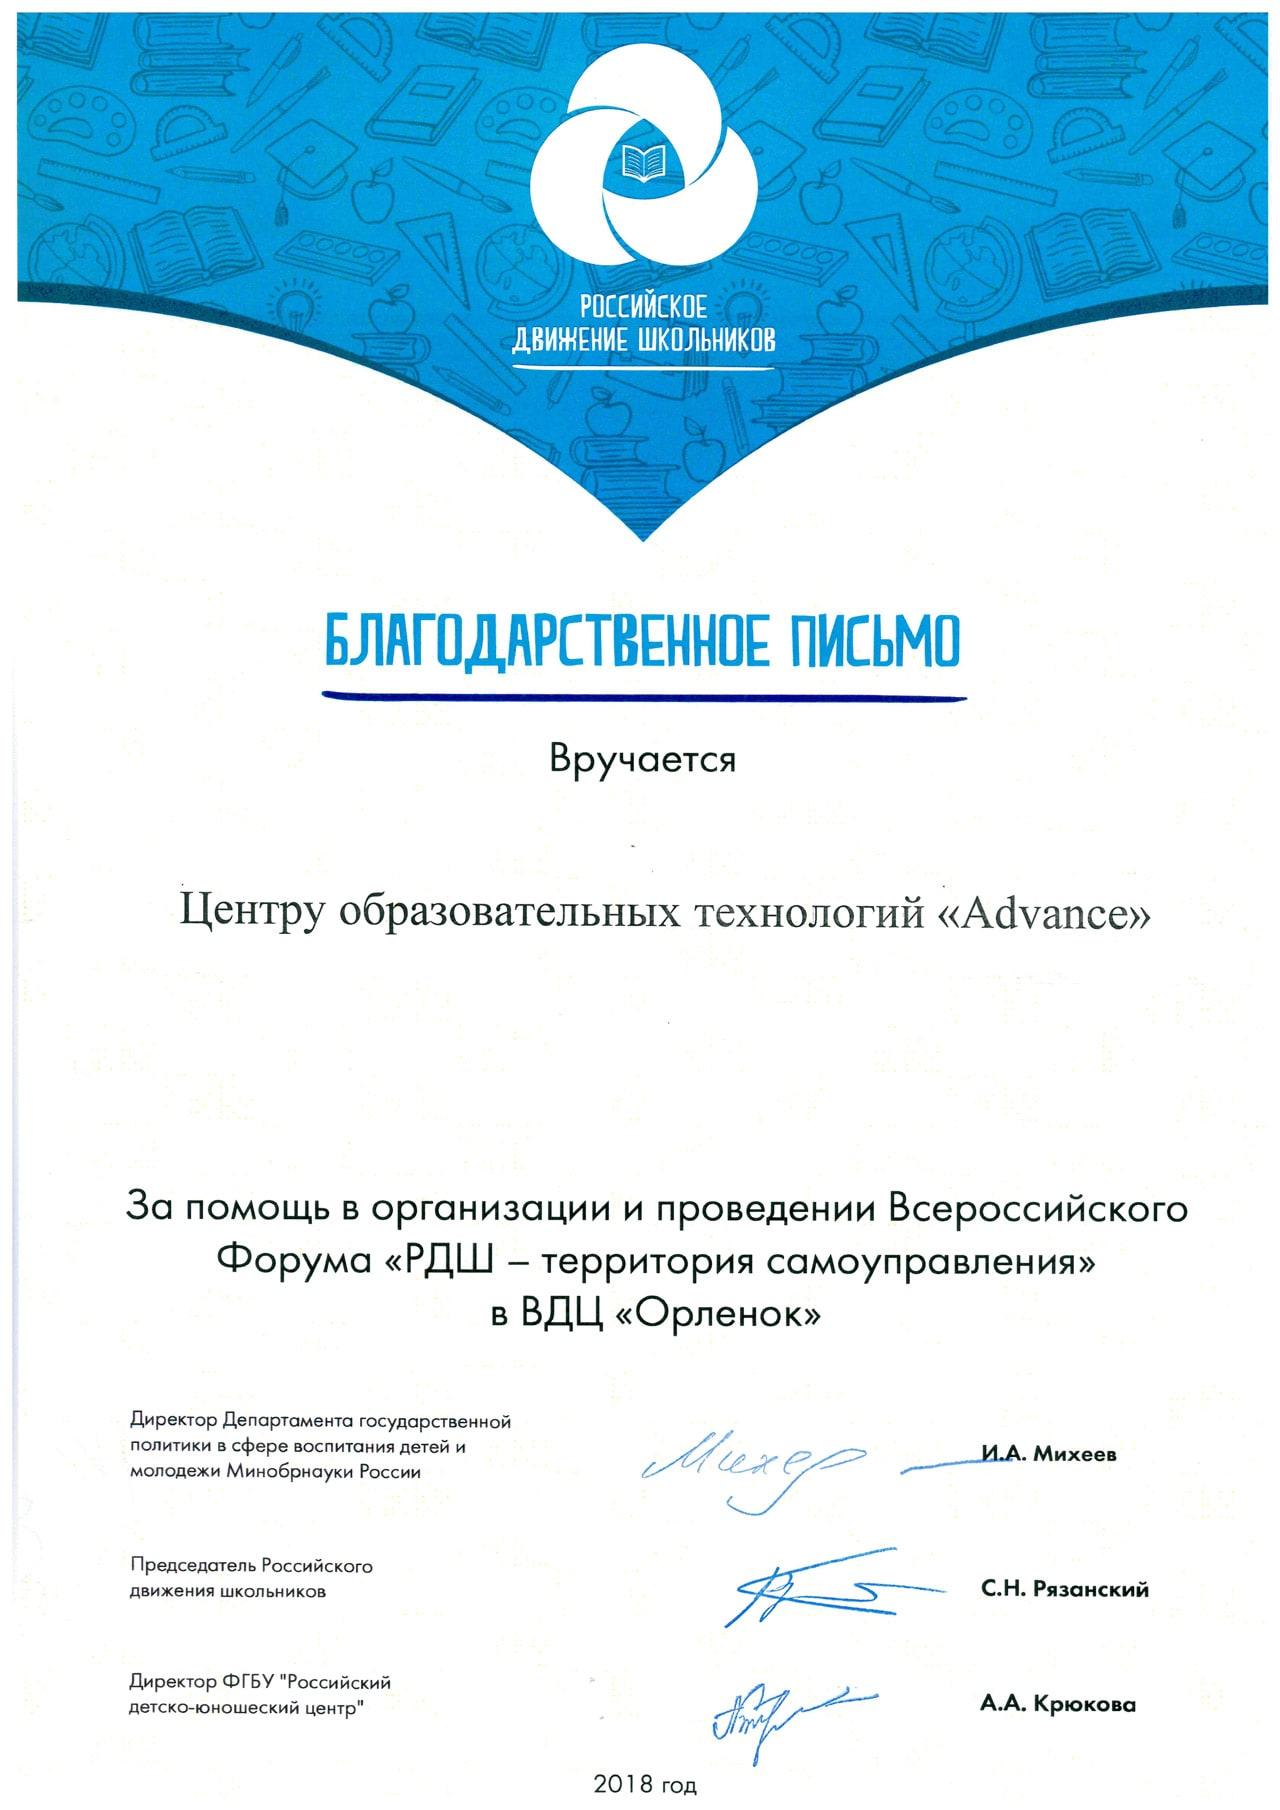 За помощь в организации и проведении Всероссийского Форума